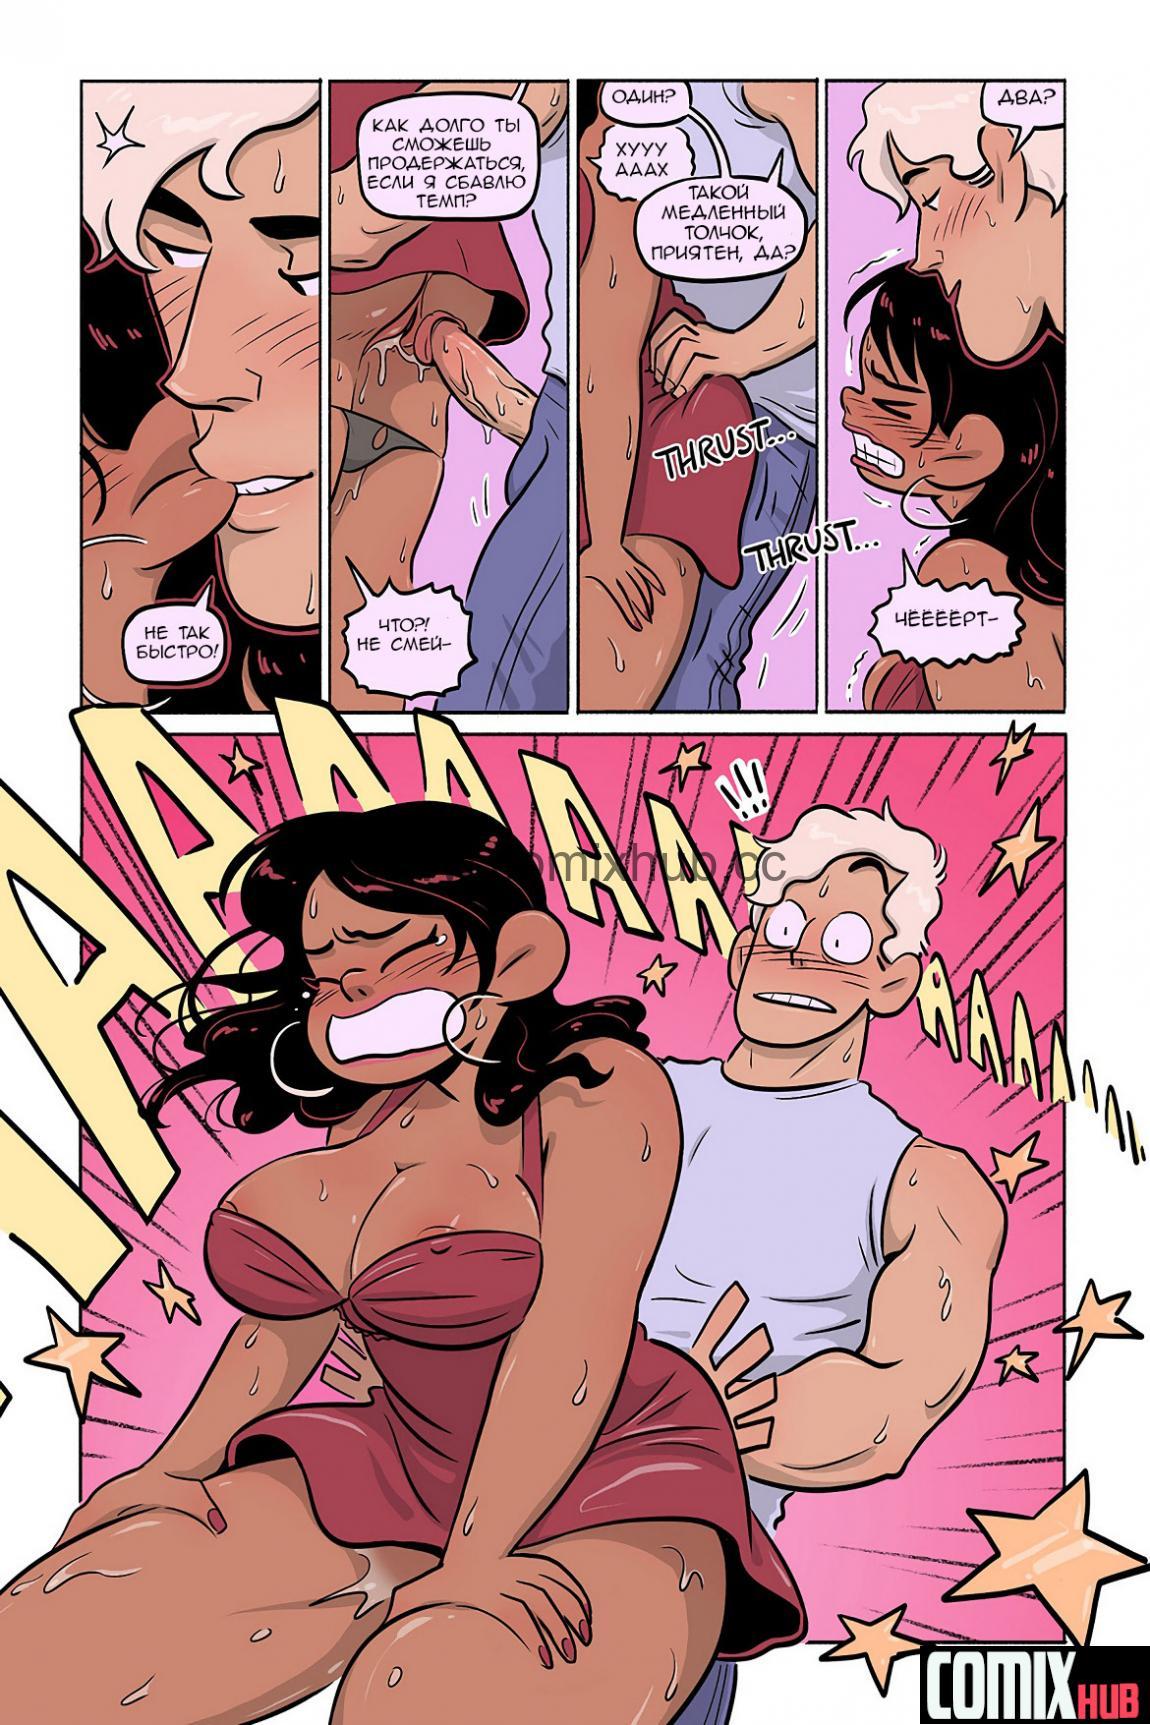 Порно комикс, без прикрытия Порно комиксы, Большая грудь, Большие члены